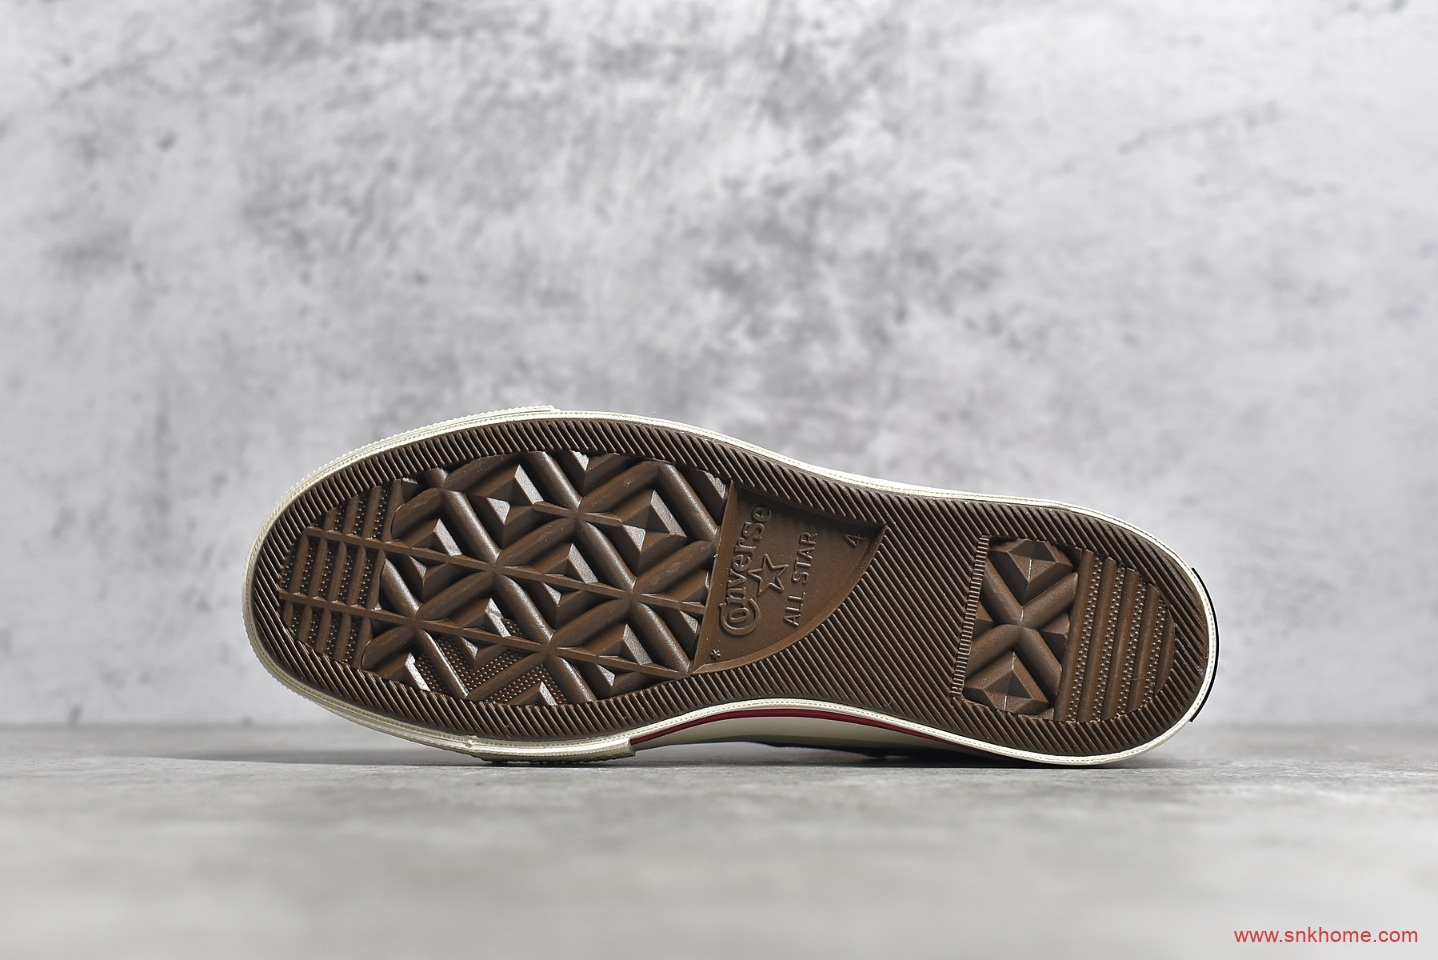 匡威大标红色高帮帆布鞋纯原版本 Converse Chuck Logo 匡威1970S红色帆布鞋 货号:170049C-潮流者之家